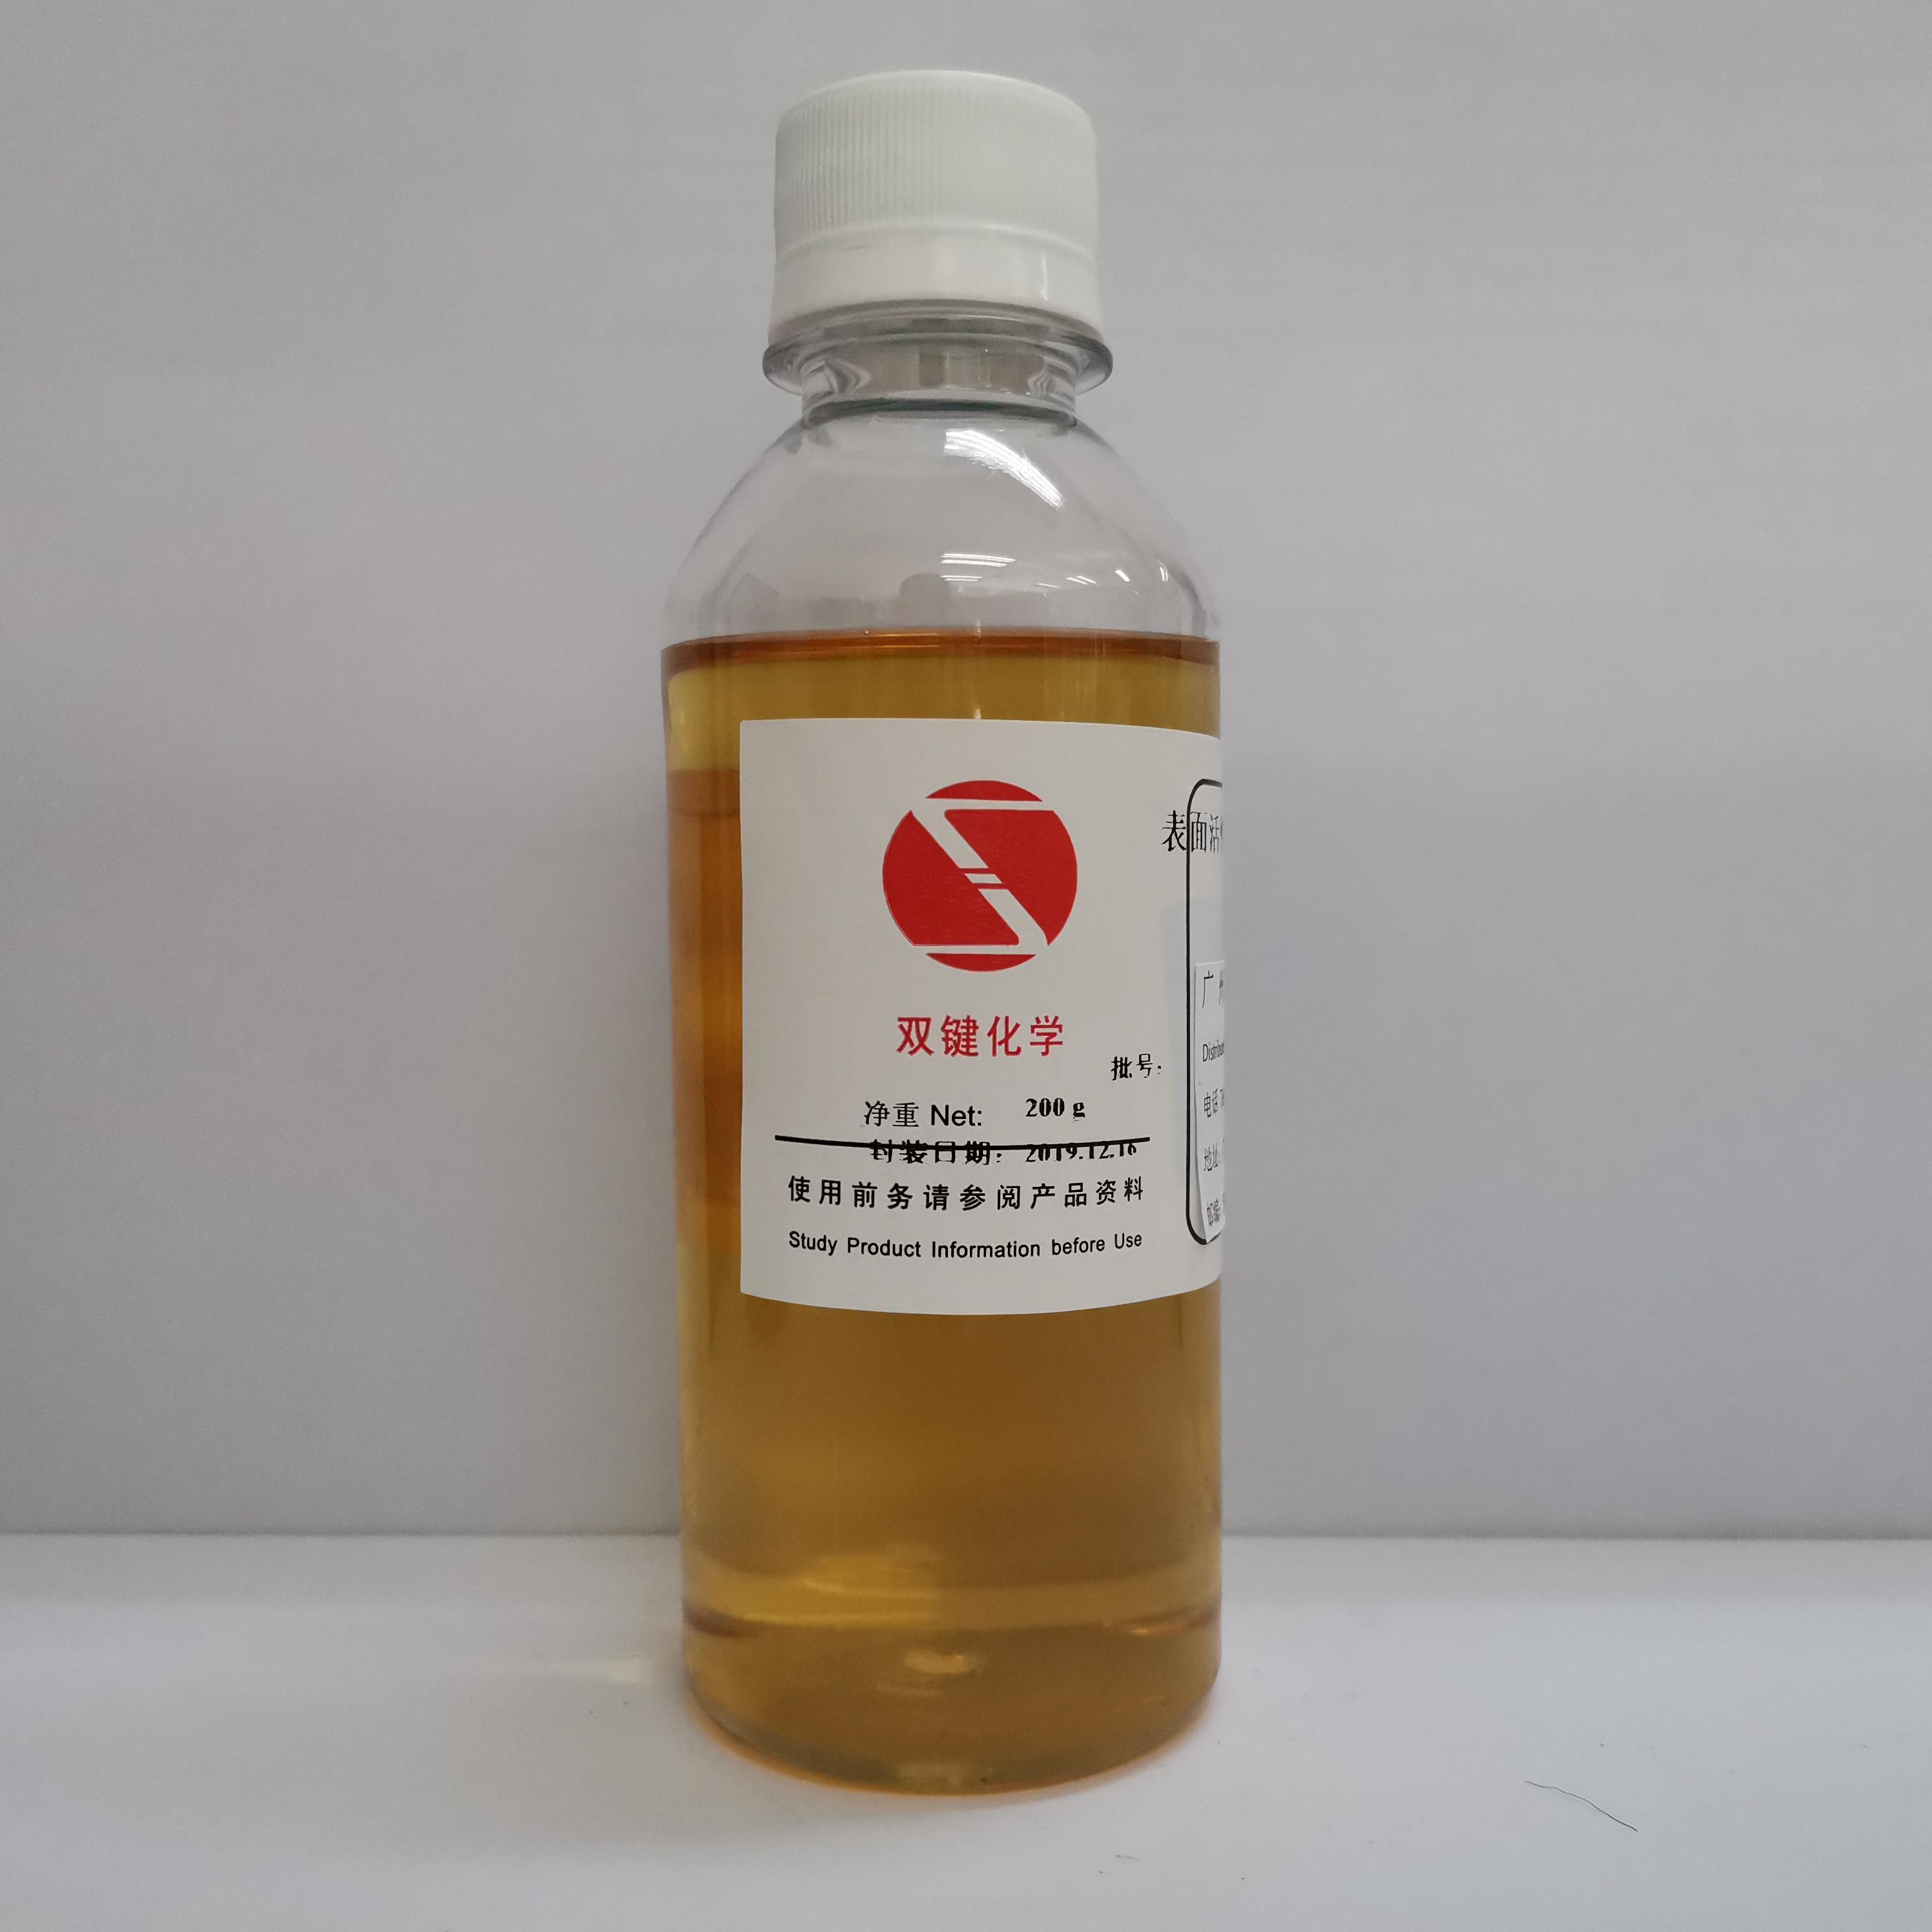 磺基琥珀酸酯钠盐混合物